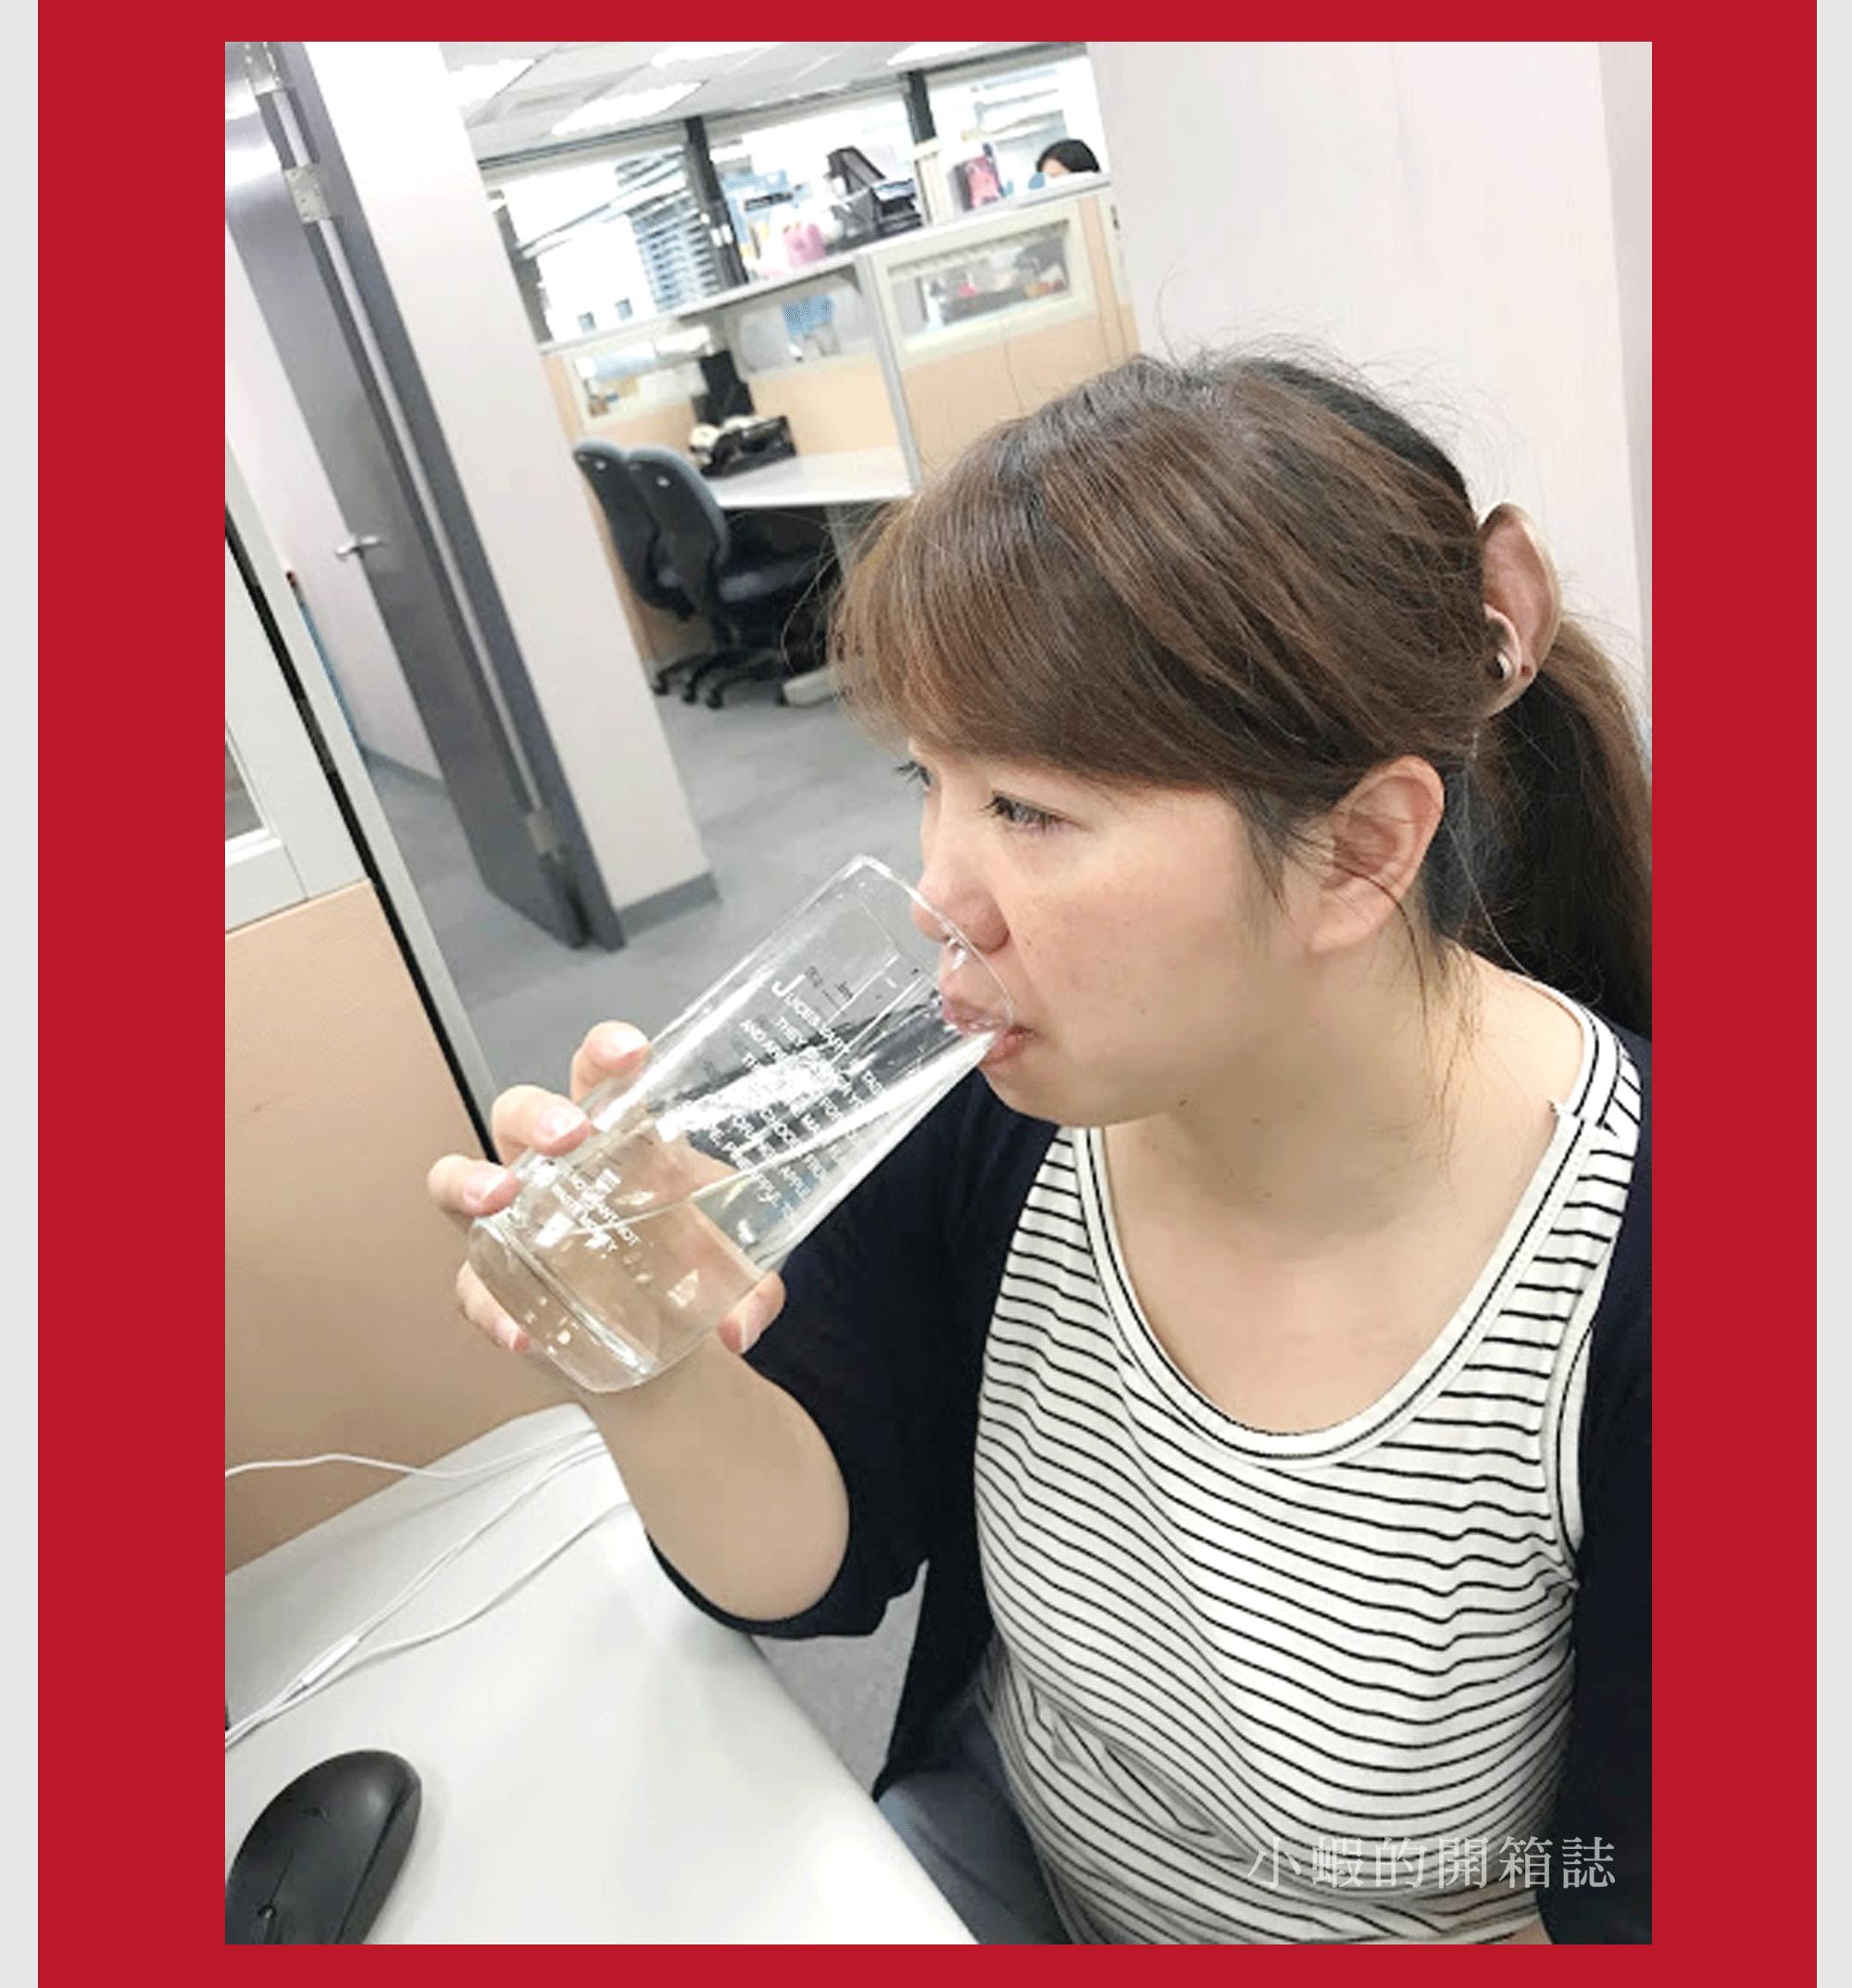 小蝦的開箱誌-鬘夫人膠原蛋白水解好好喝,膠原蛋白